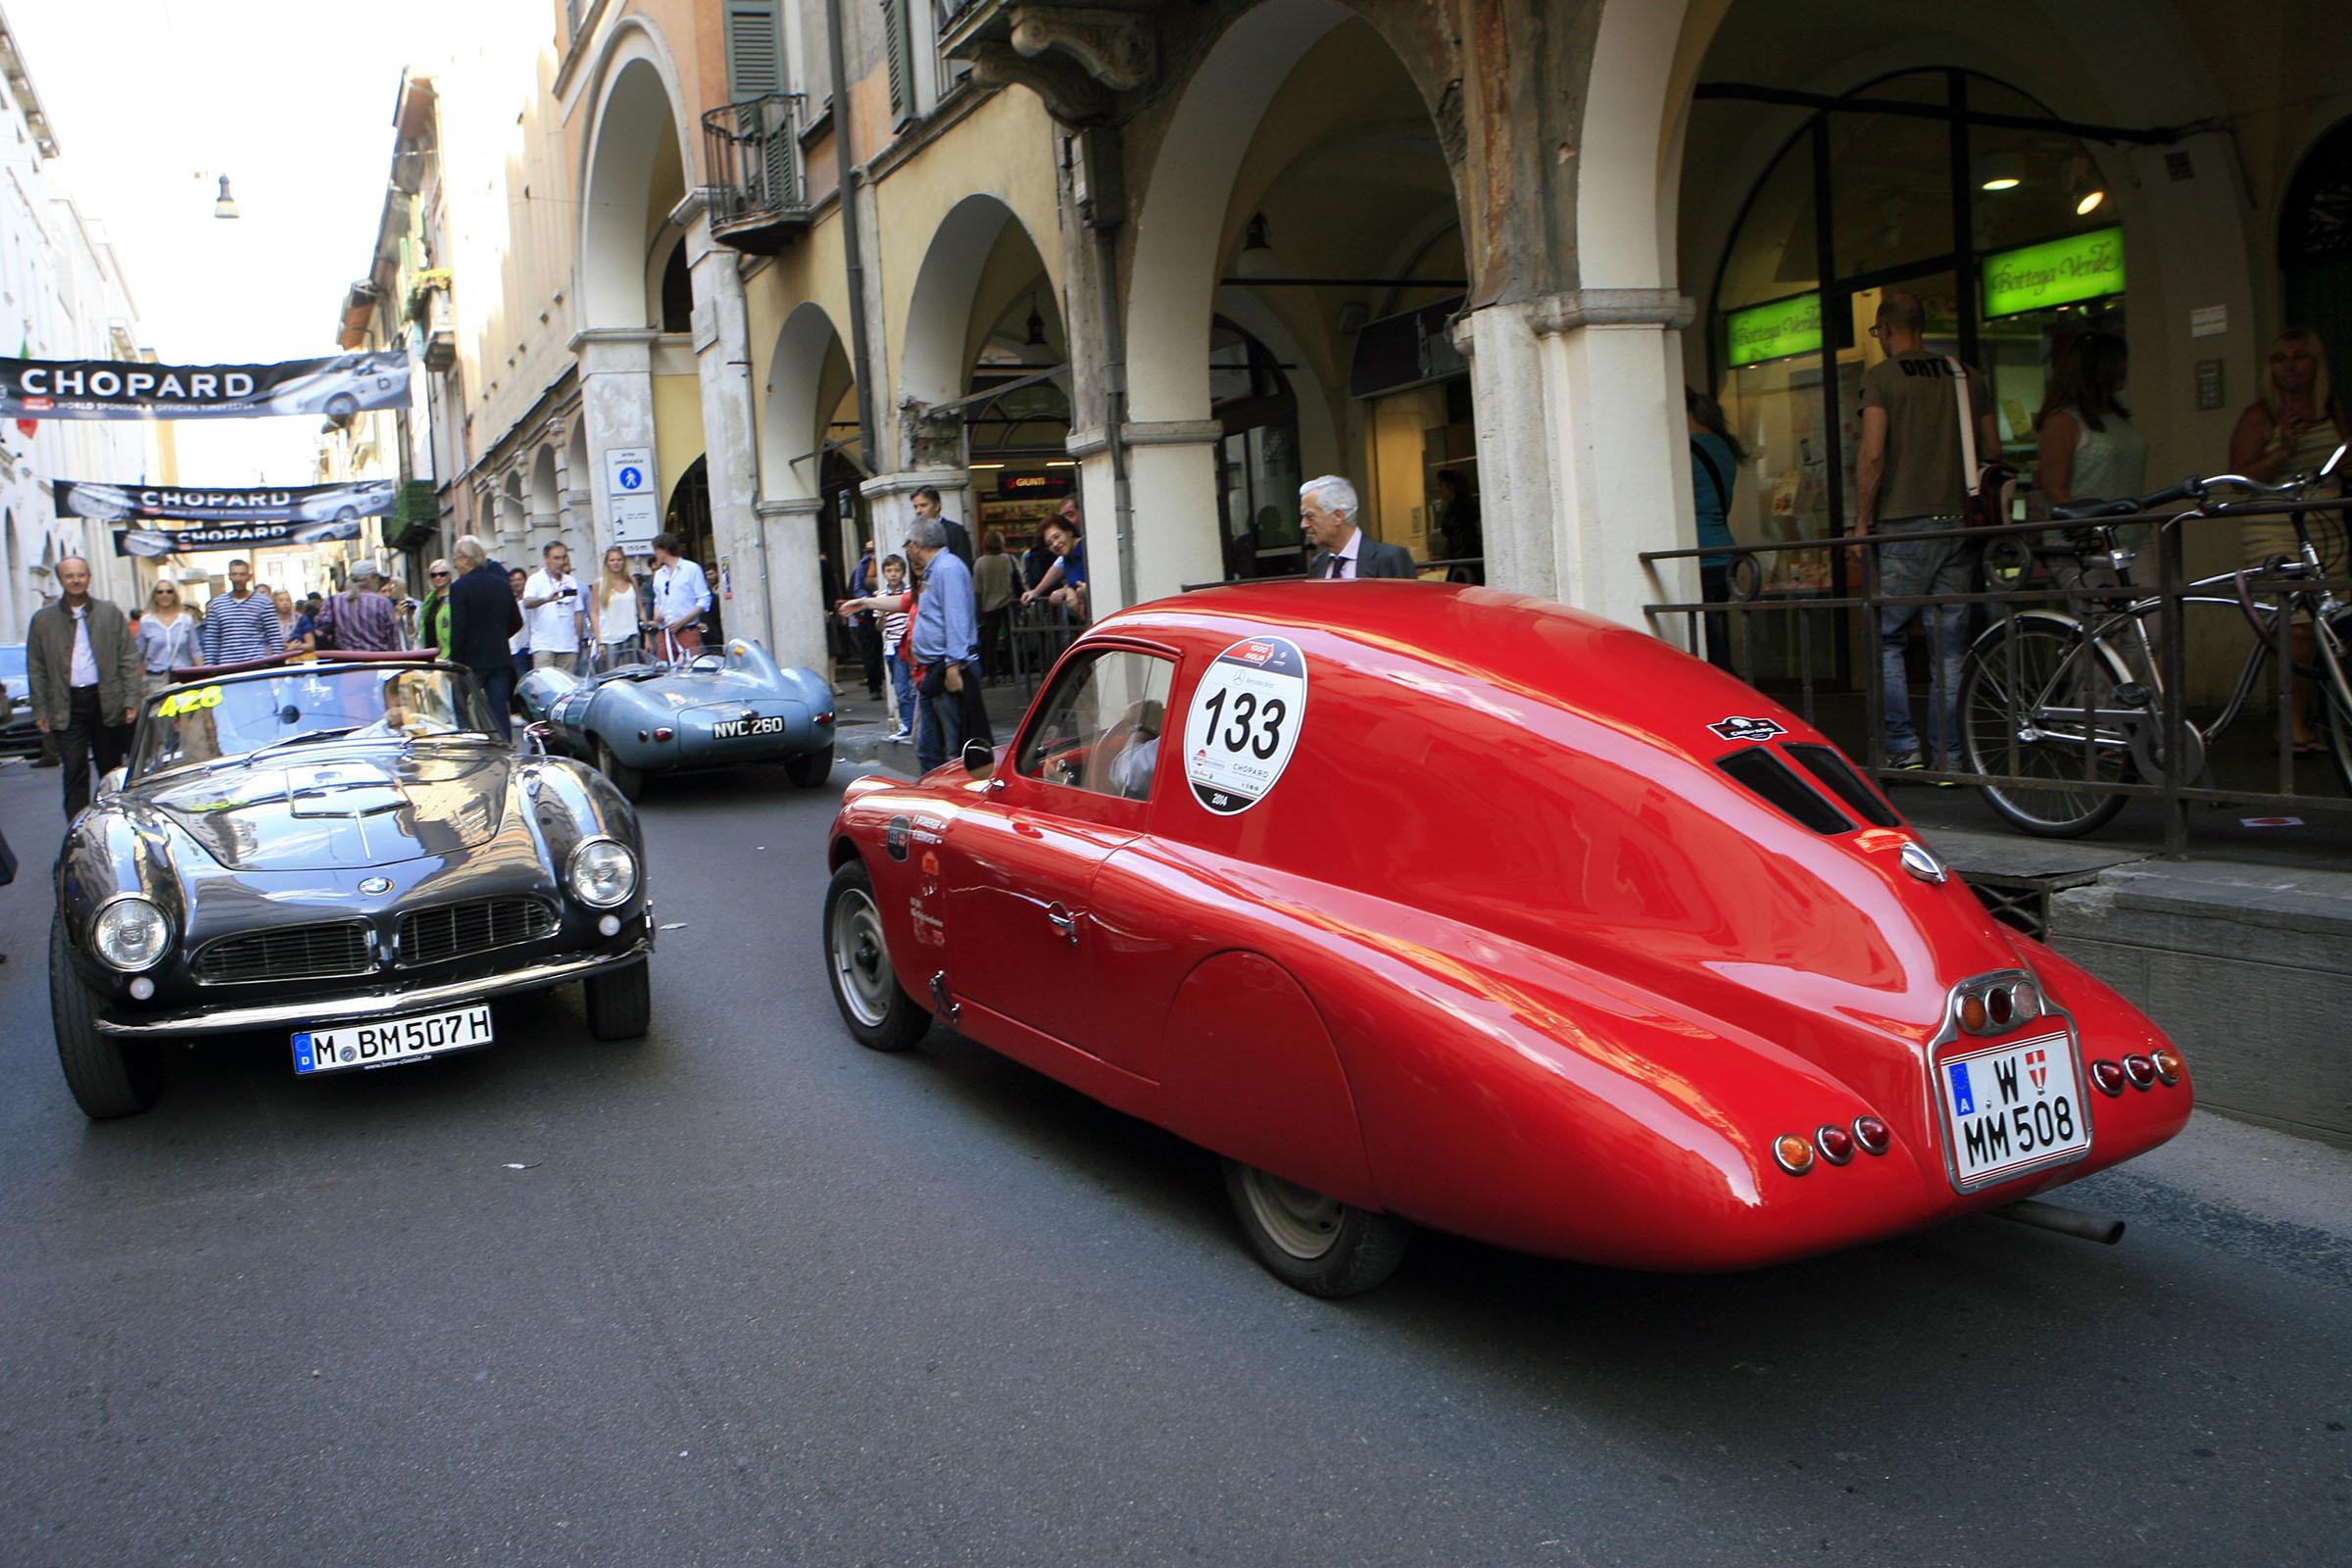 133 - BROMBERGER Rudolf (A) + ZEINLER Christian (A) - FIAT 508 C MM berlinetta aerodynamic (1939)